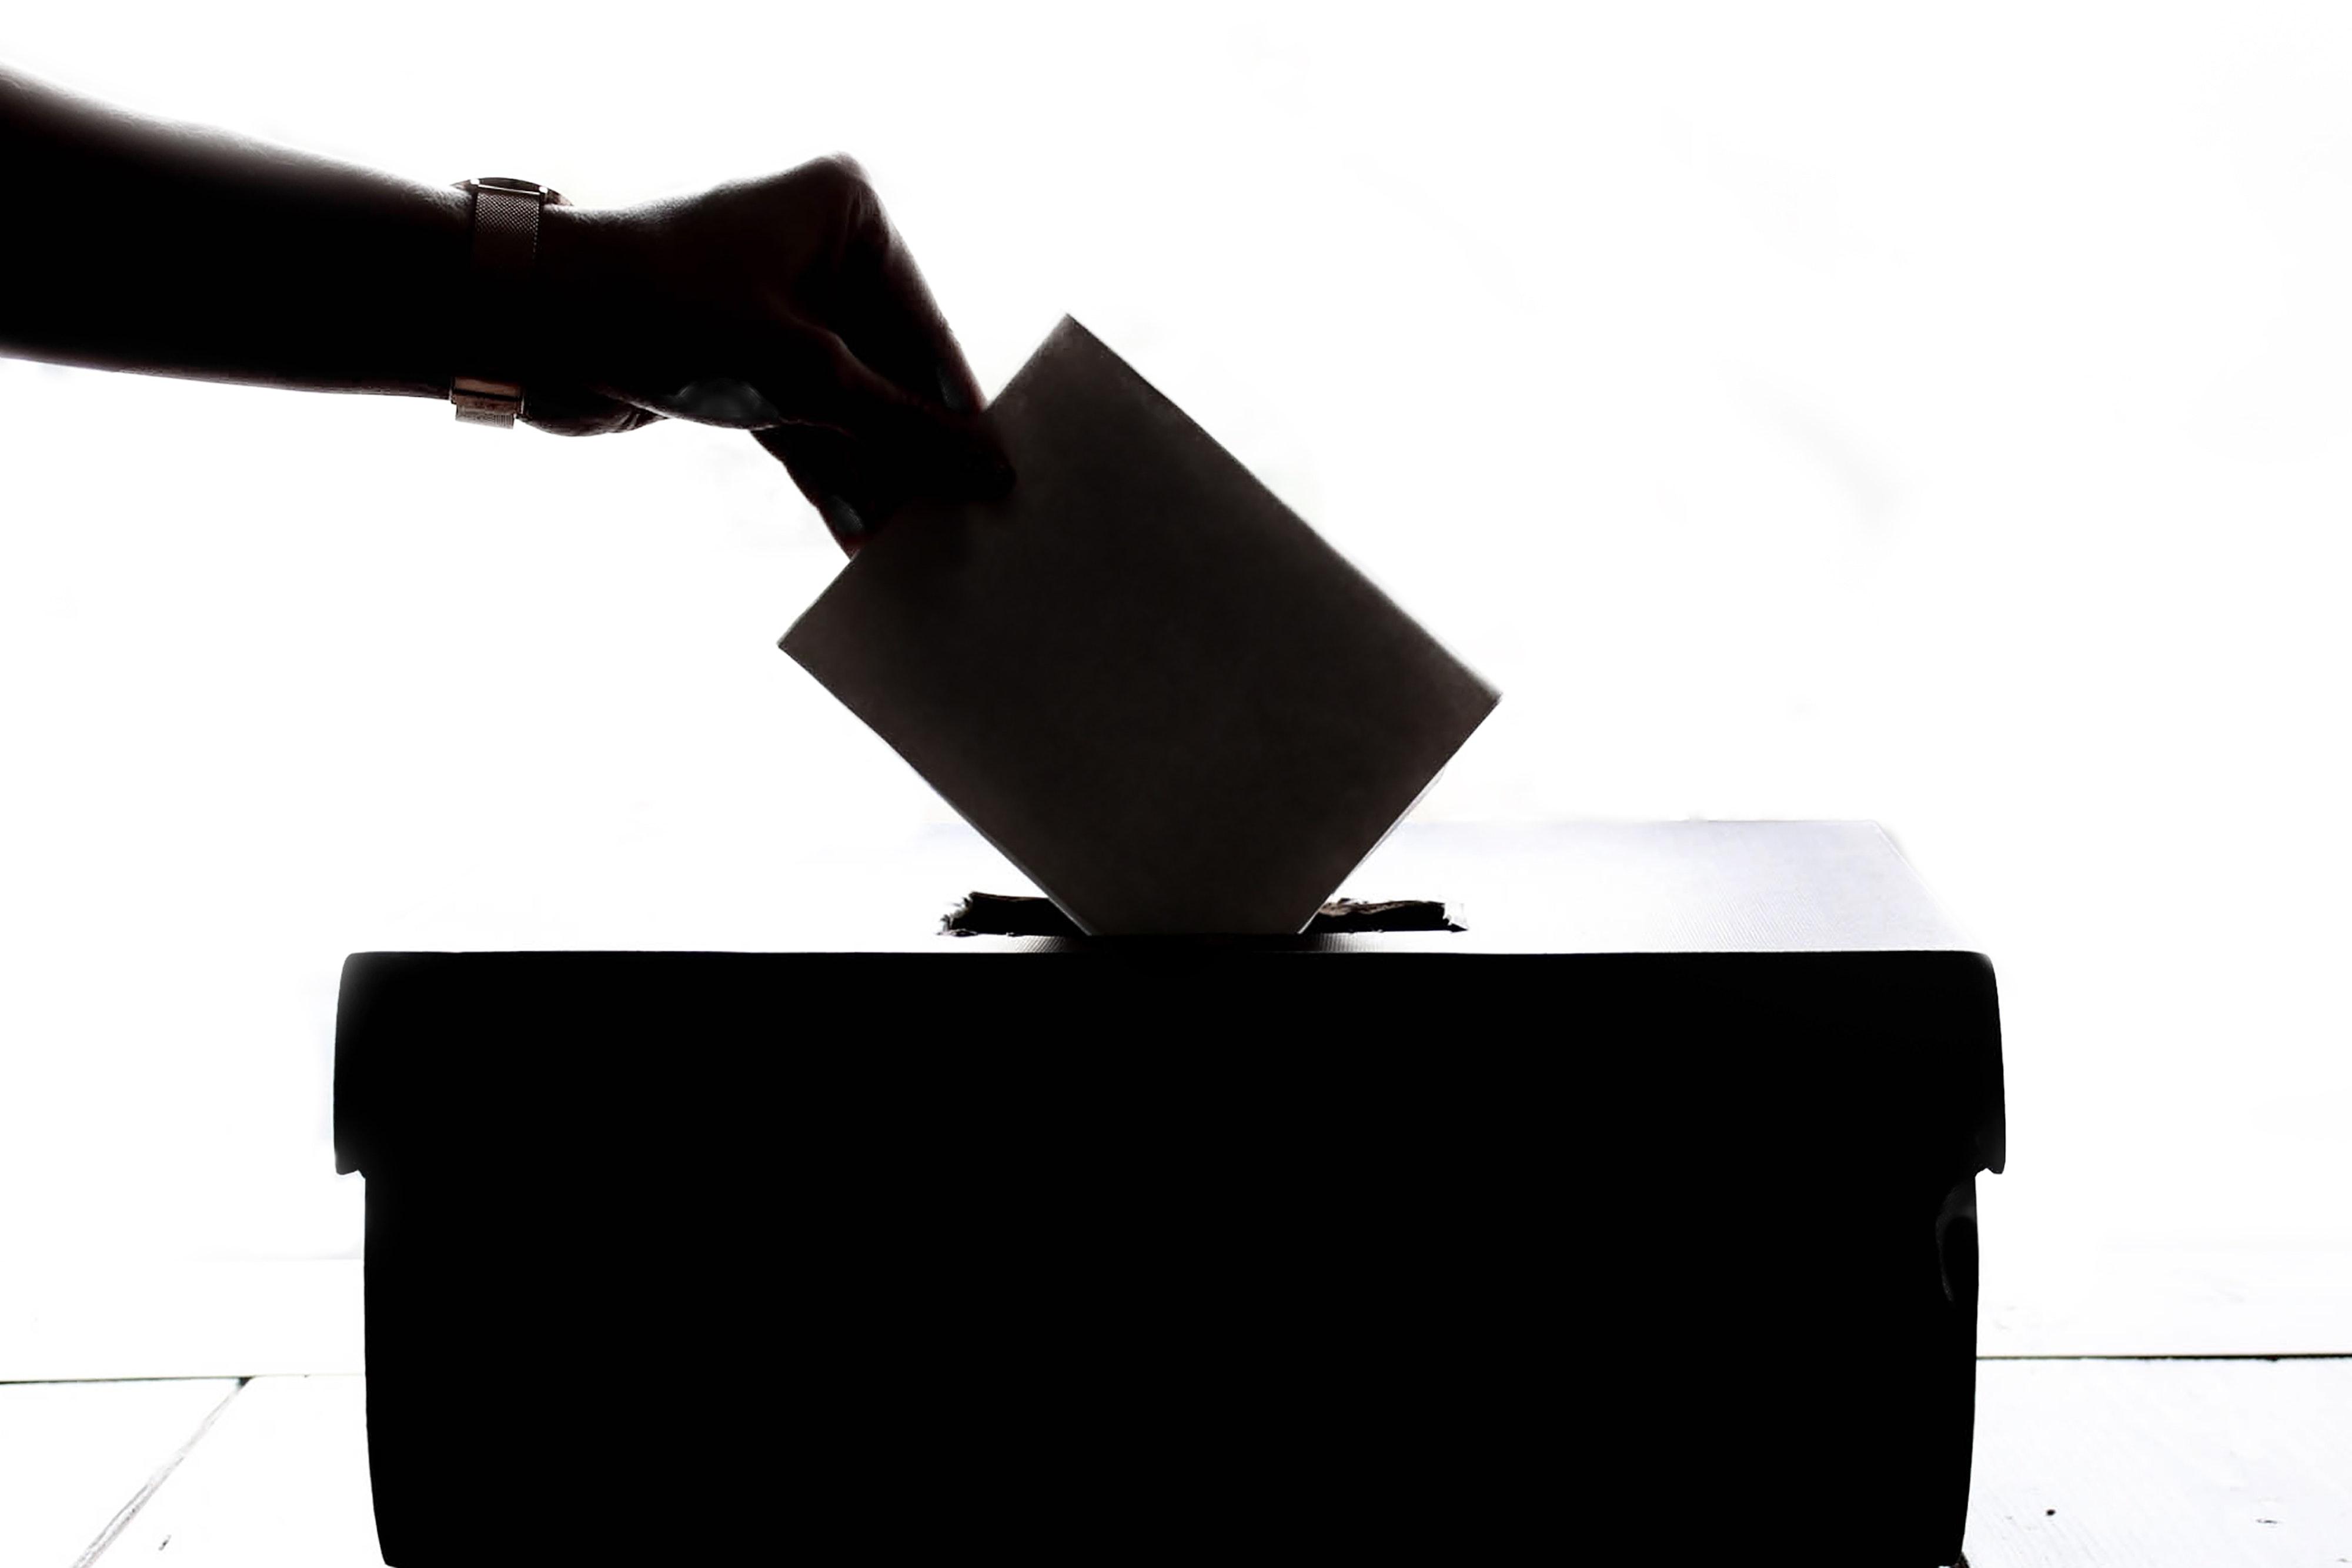 Gedanken zur Bürgermeisterwahl am 29. September 2019